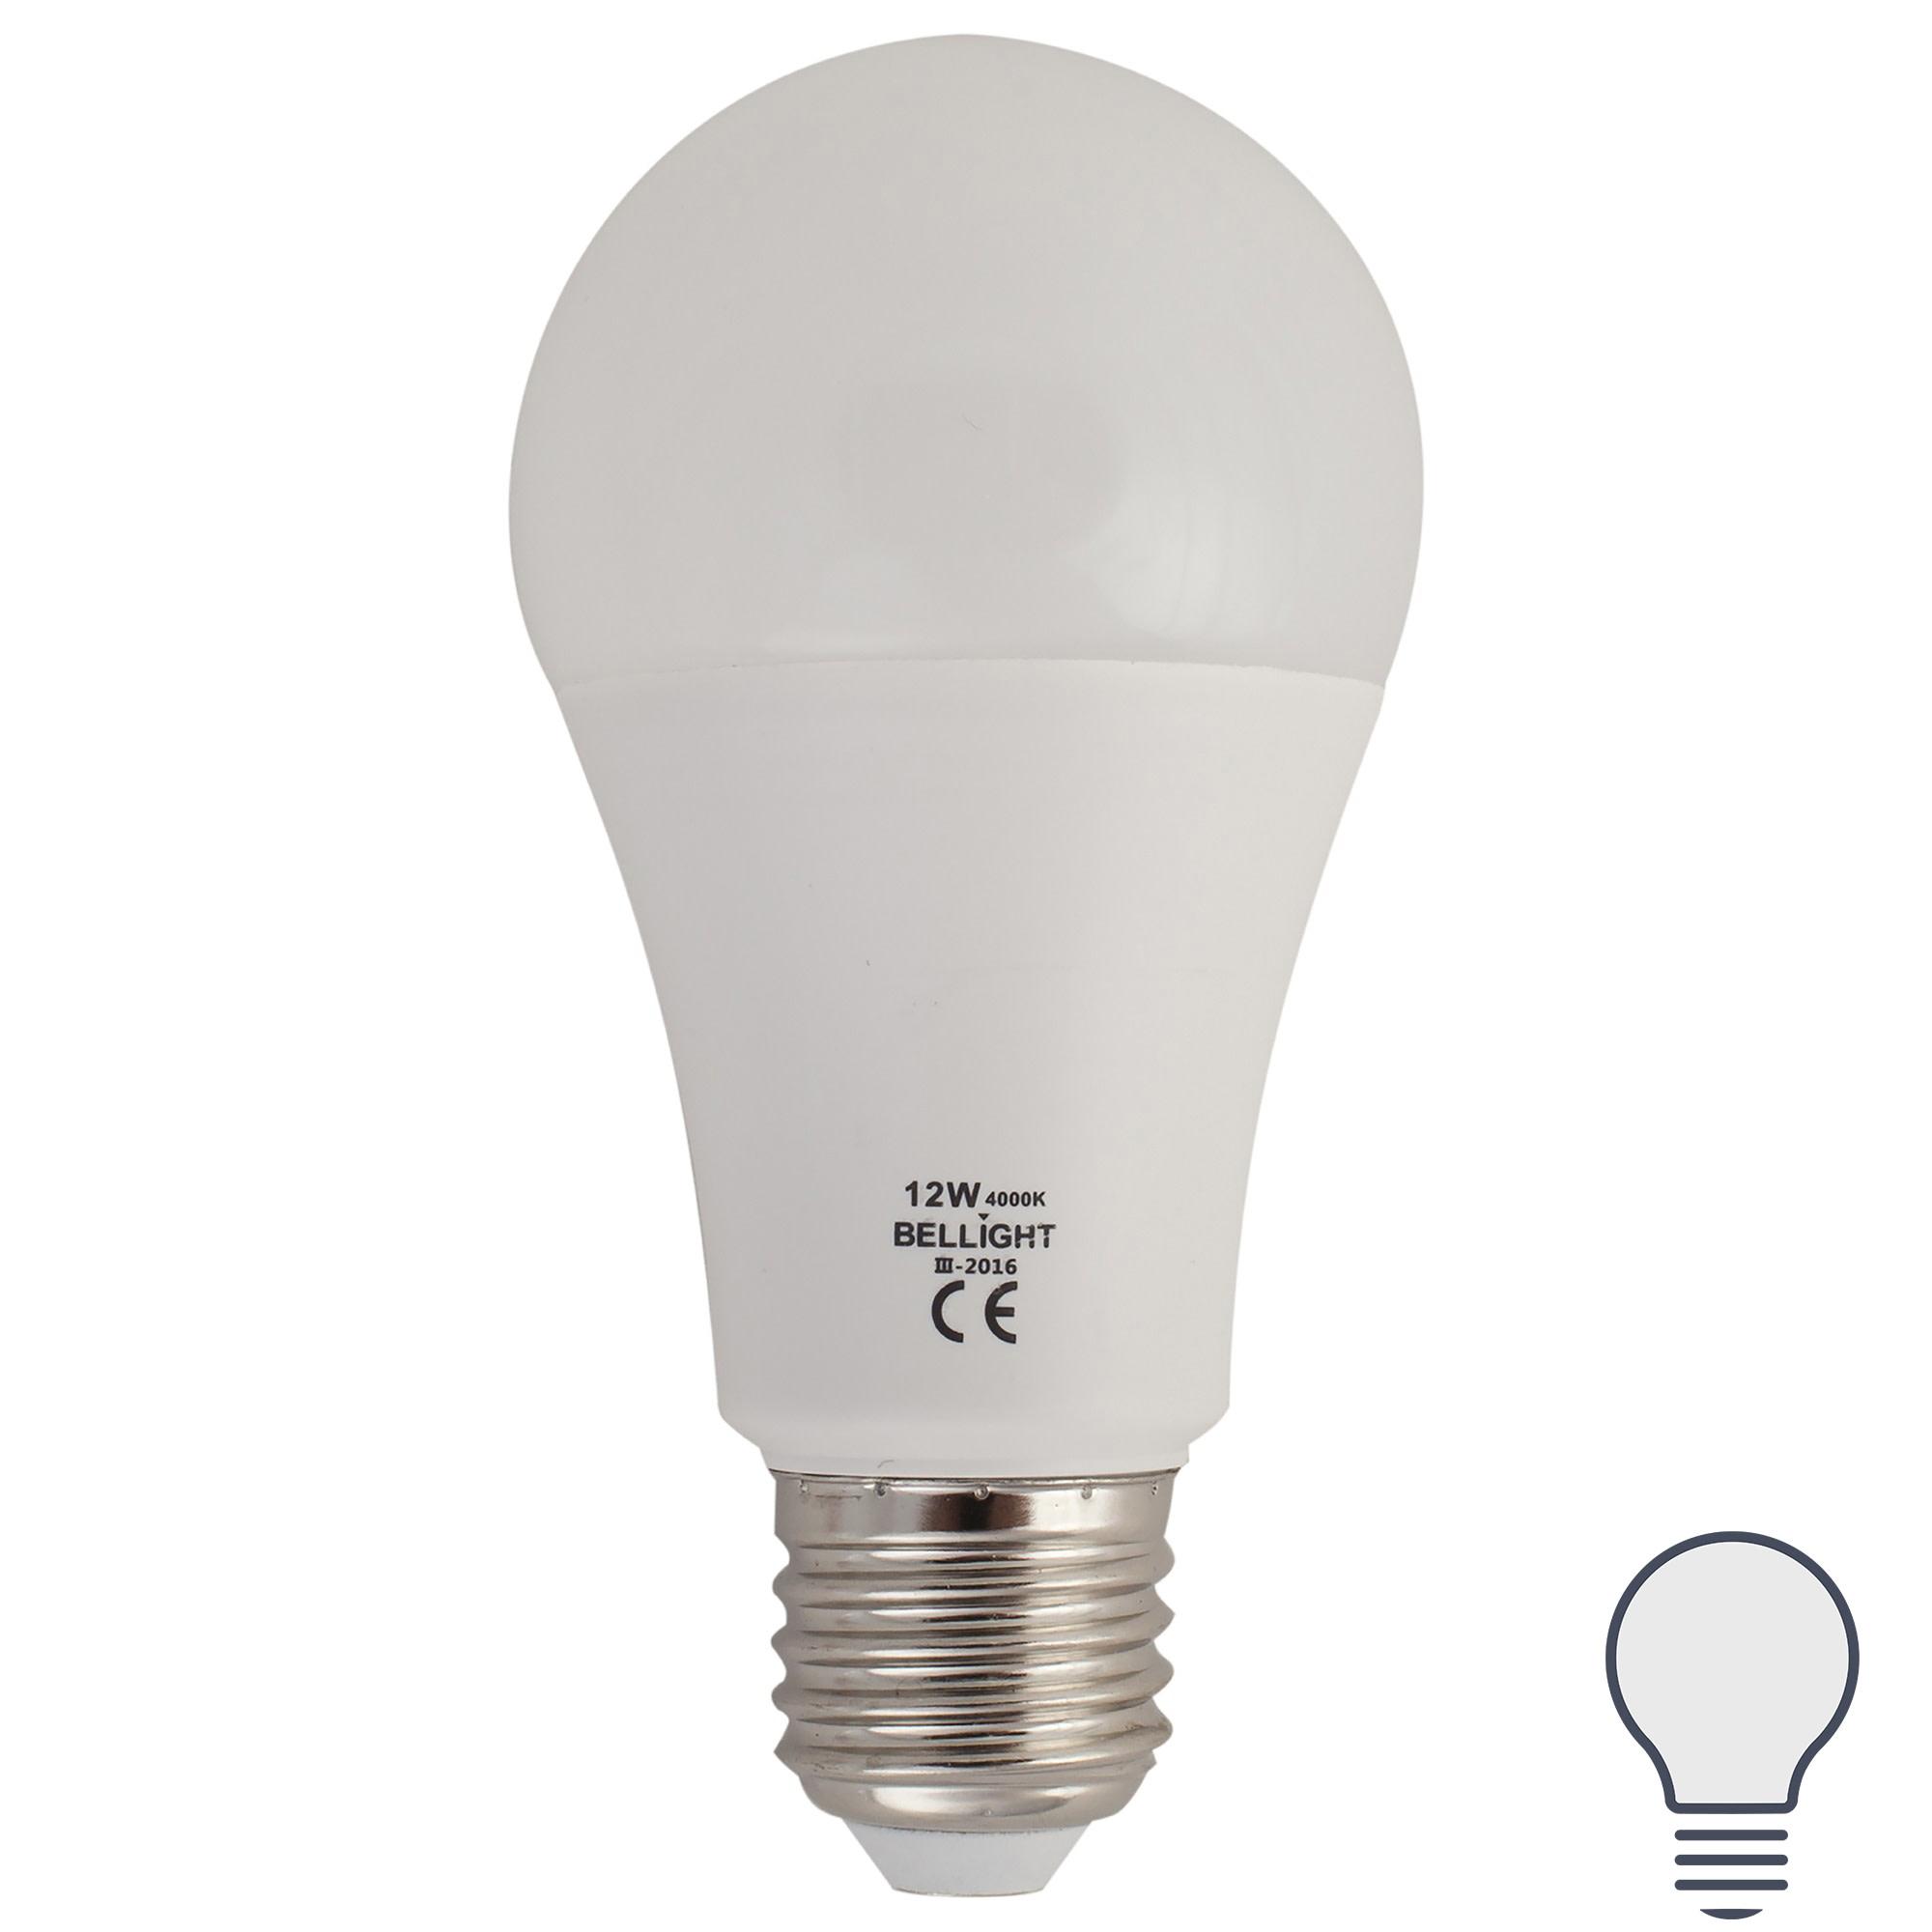 Лампа светодиодная Bellight E27 12 Вт 1000 Лм свет холодный белый